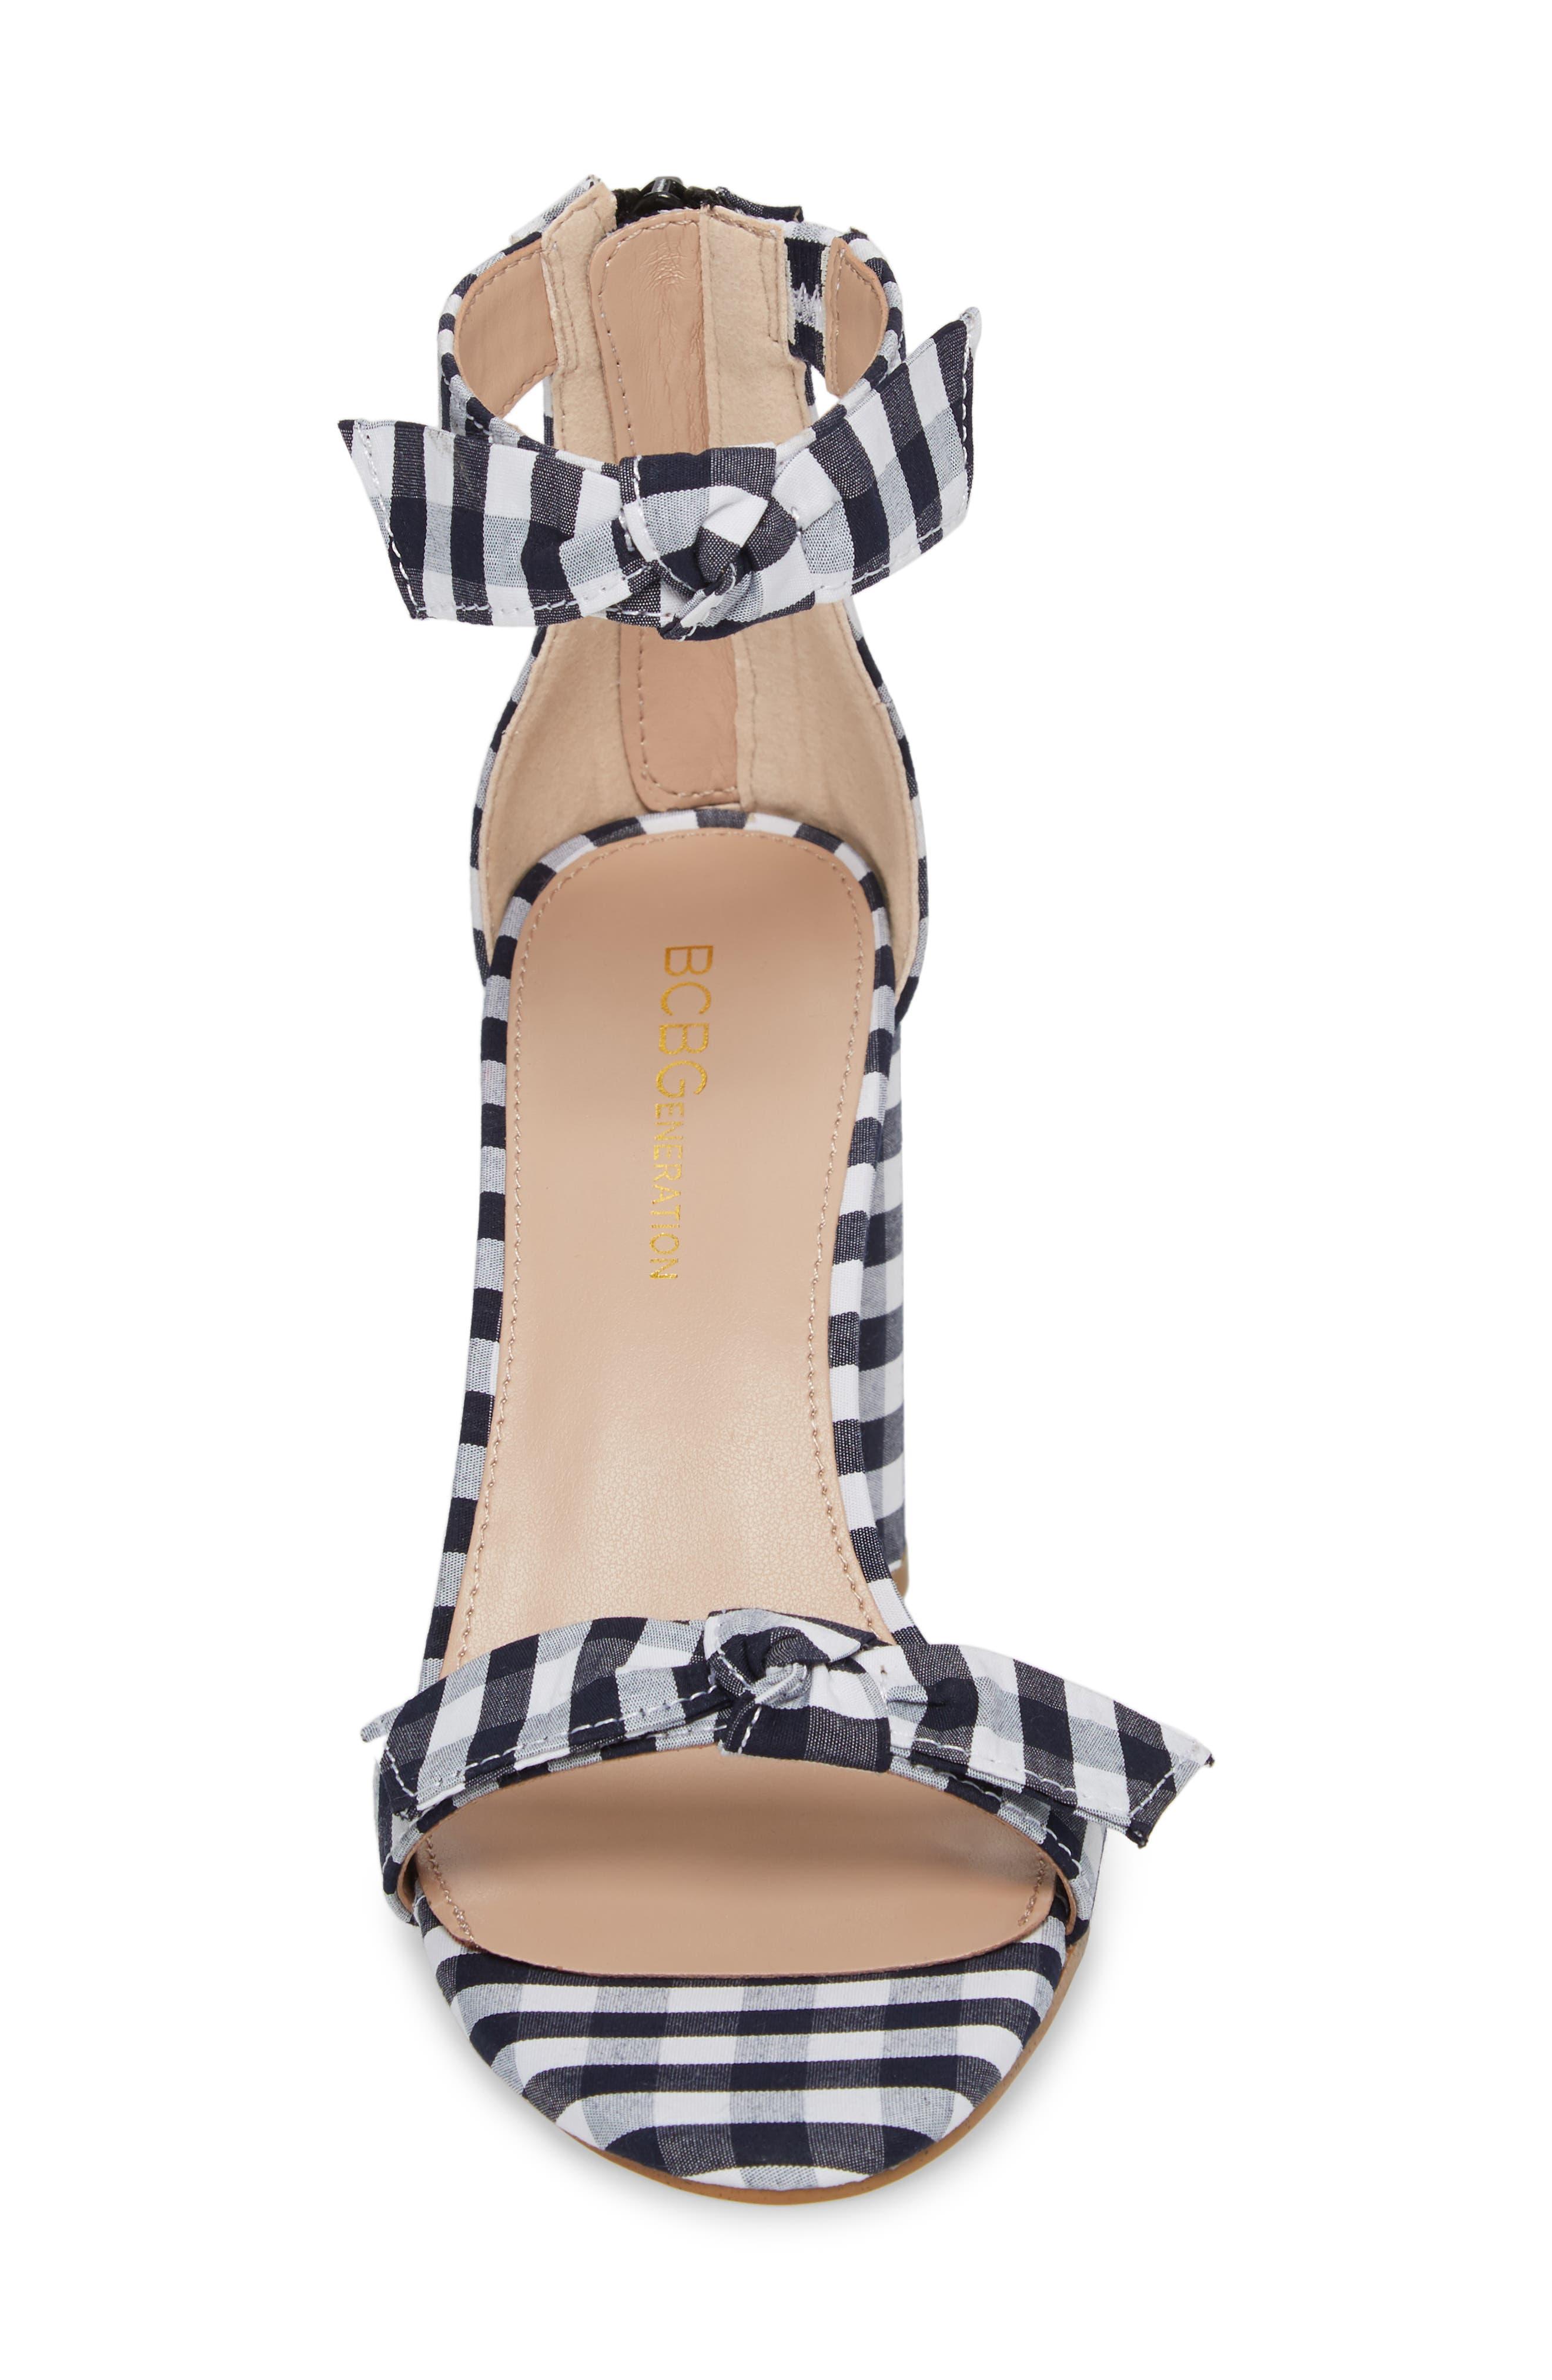 Faedra Ankle Strap Sandal,                             Alternate thumbnail 4, color,                             Dark Blue/ White